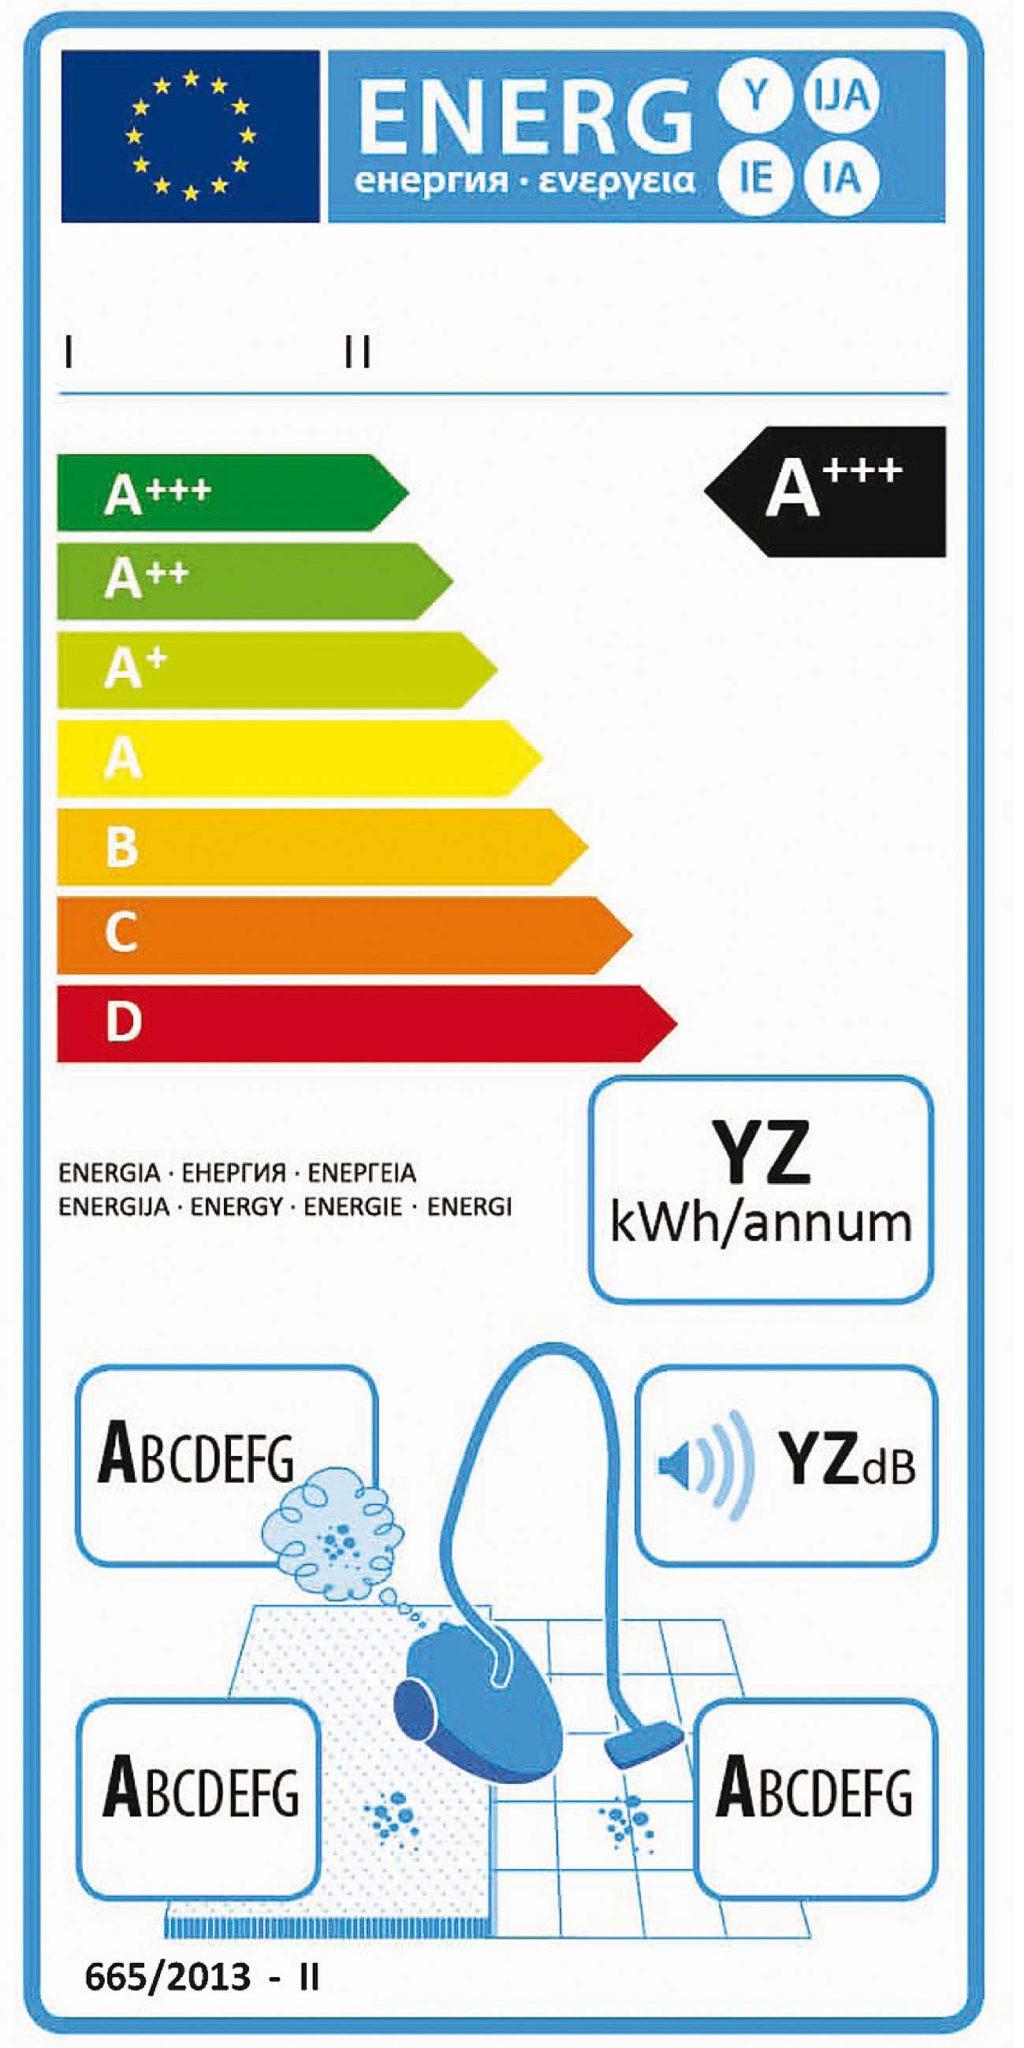 EU-direktiivi numero 665 toi imureille samantyyppisen energiamerkinnän kuin kylmälaitteilla ja pesukoneilla on. Energialuokan lisäksi merkintä kertoo muun muassa laitteen puhdistuskykyluokan, joka perustuu DPU- eli pölynnostolukuun.  Kuva: Motiva Oy